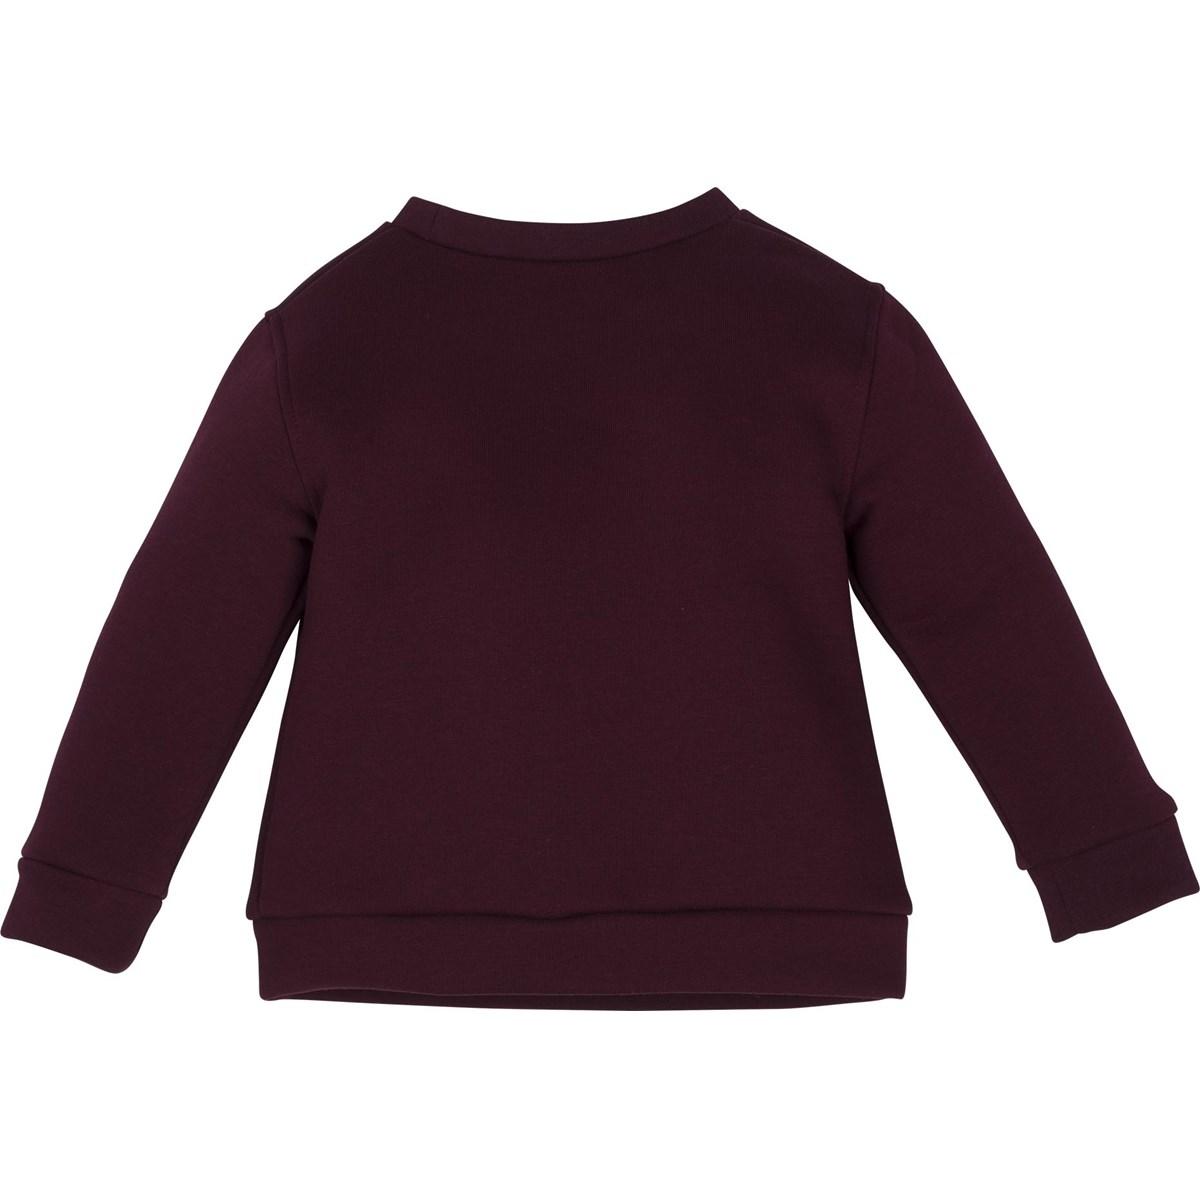 12644 Sweatshirt 2